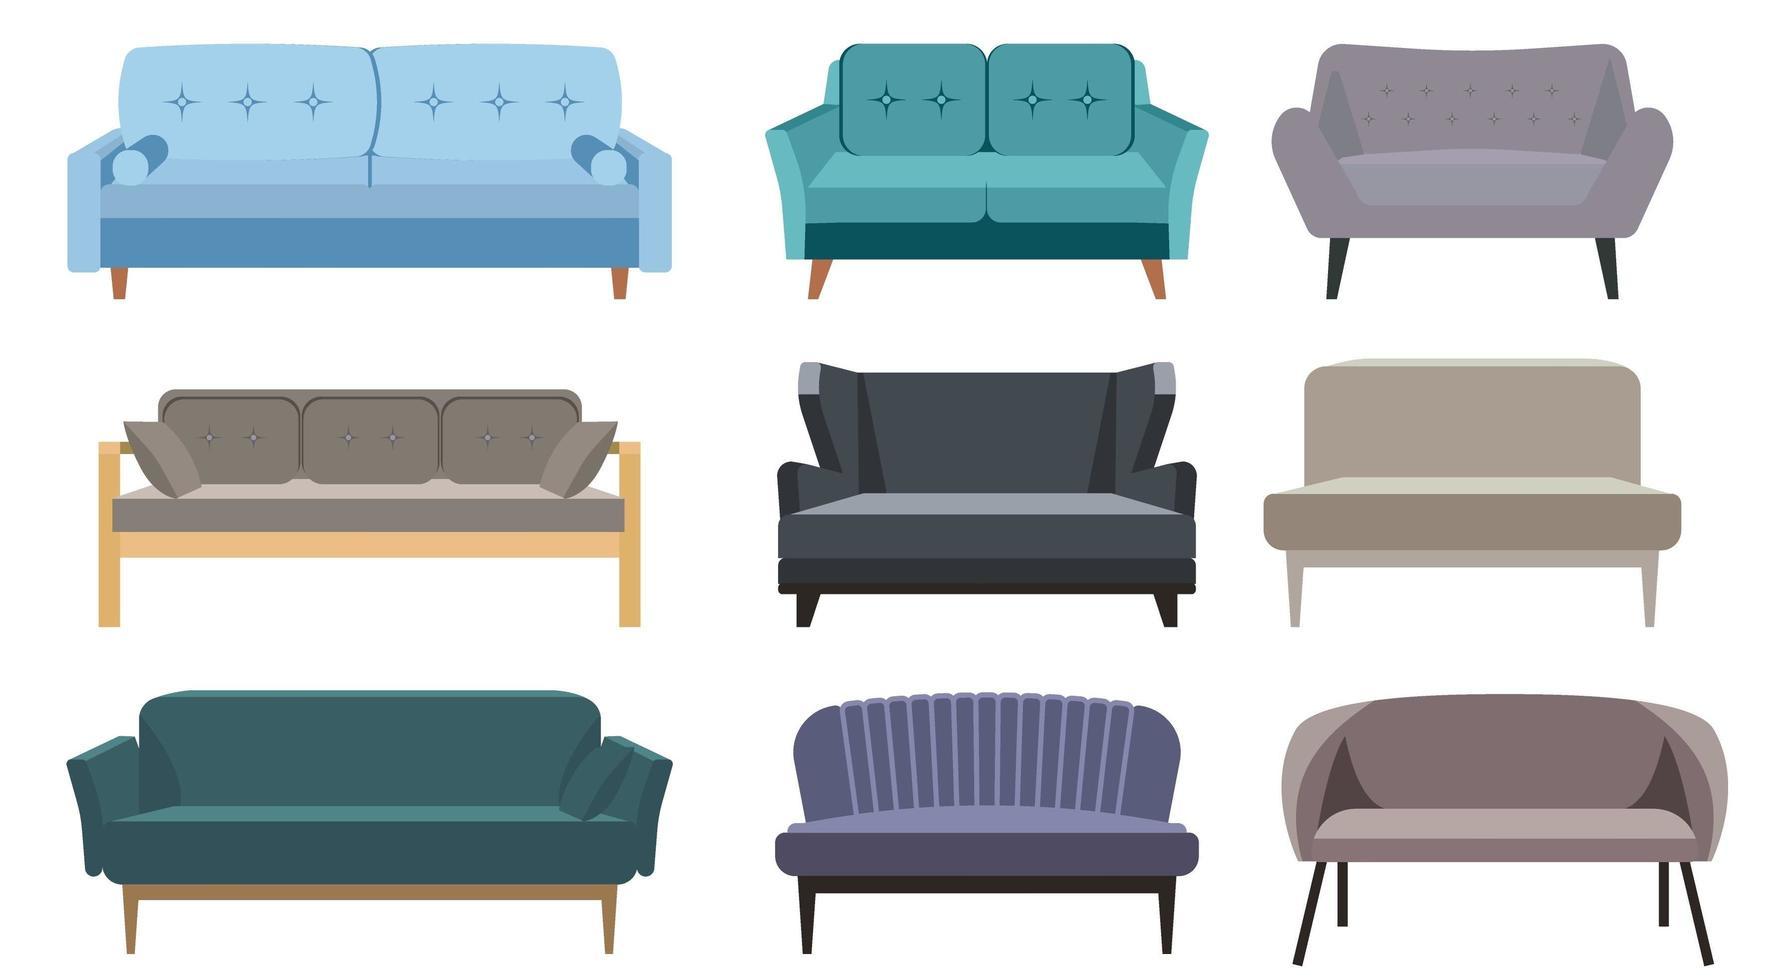 Sammlung von Sofas im flachen Stil vektor